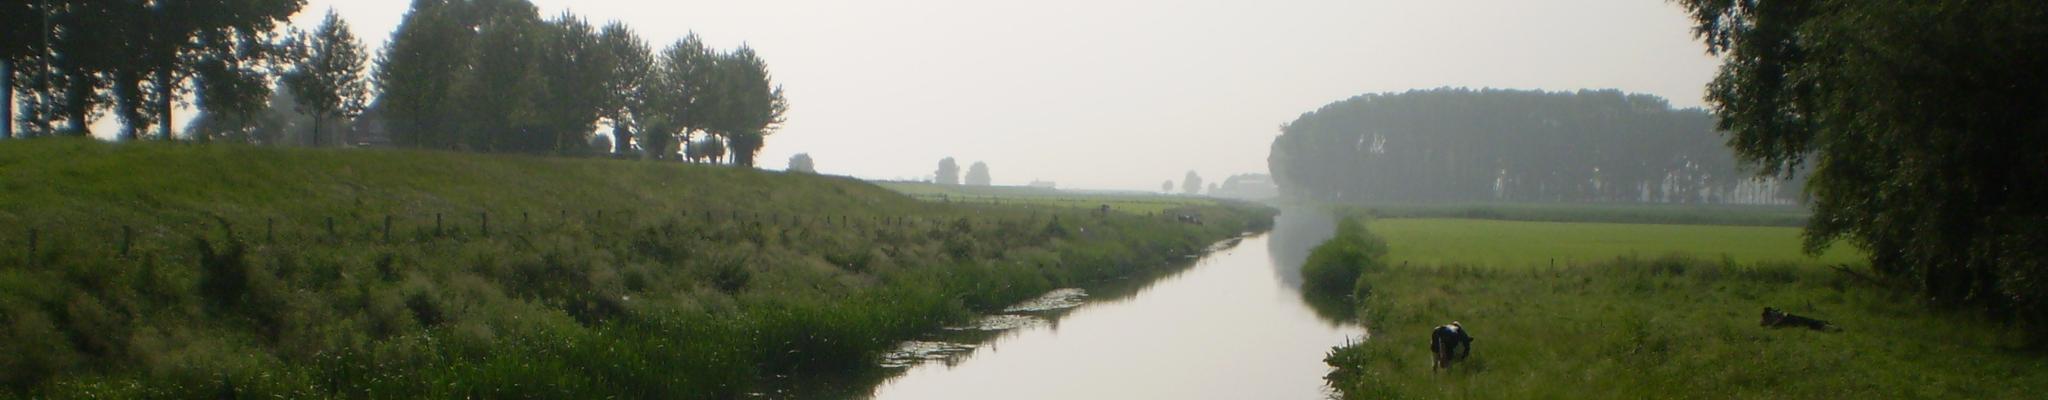 Noorder Afwateringskanaal Capelse veer